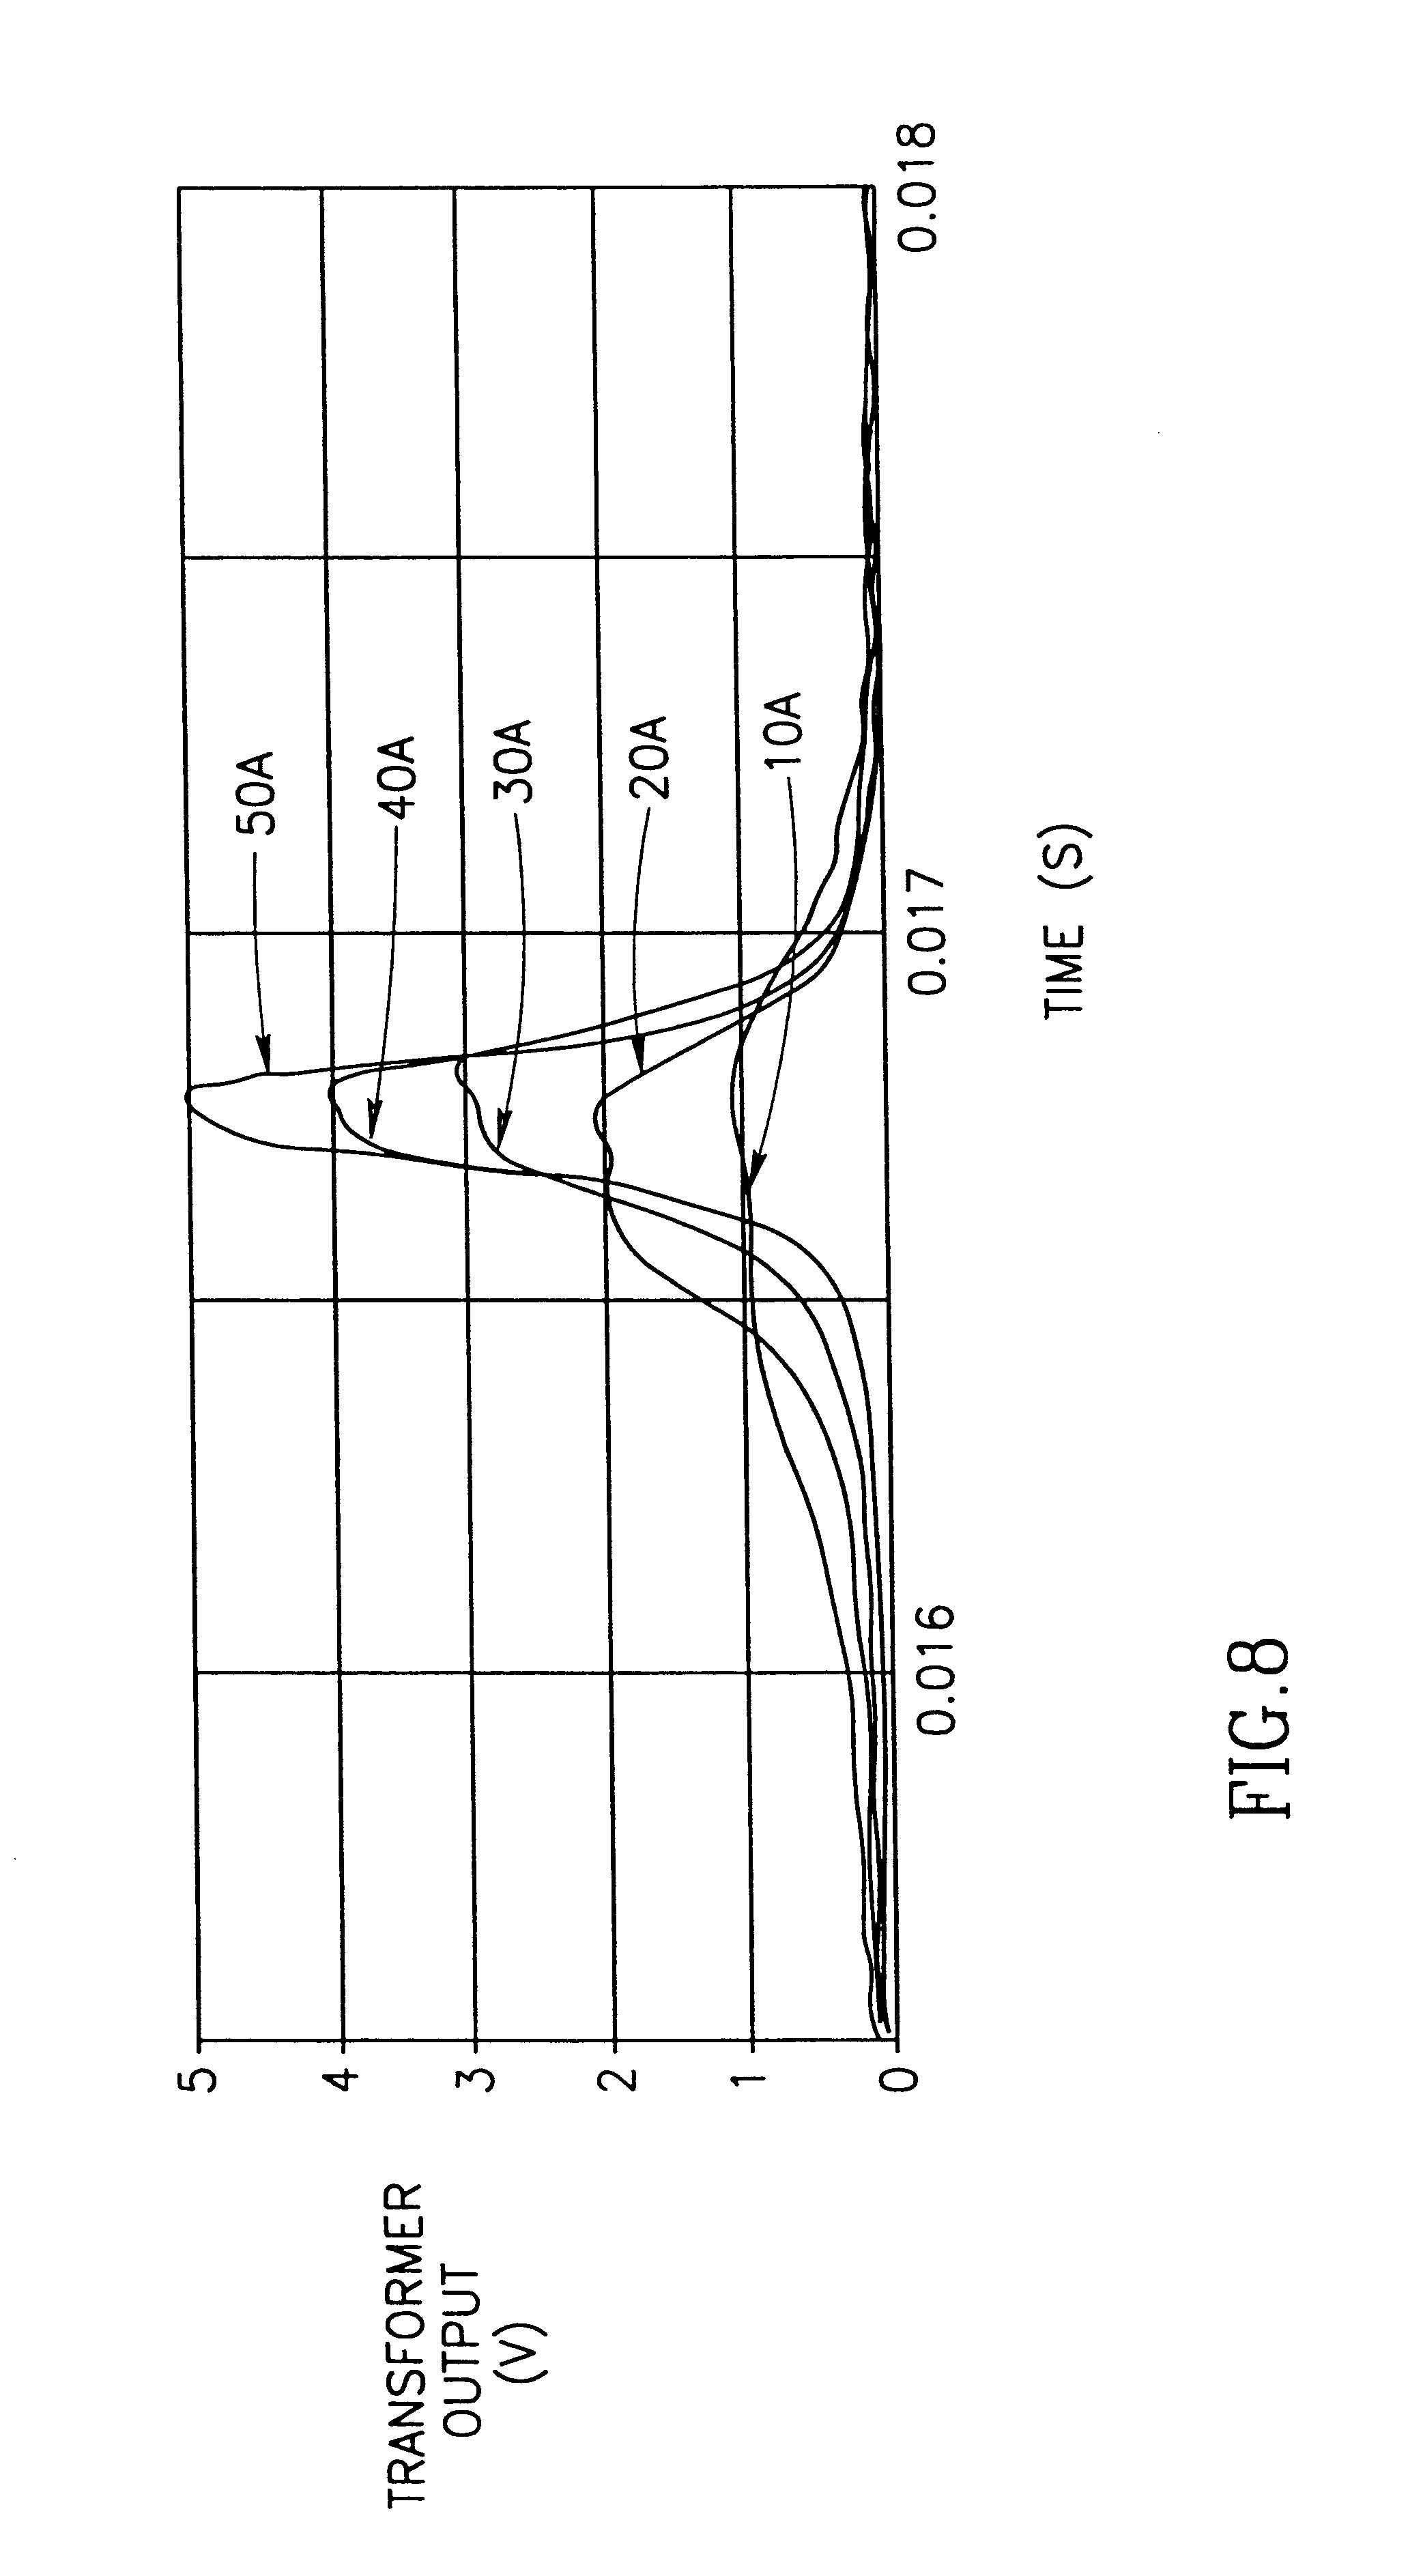 patent us6639769